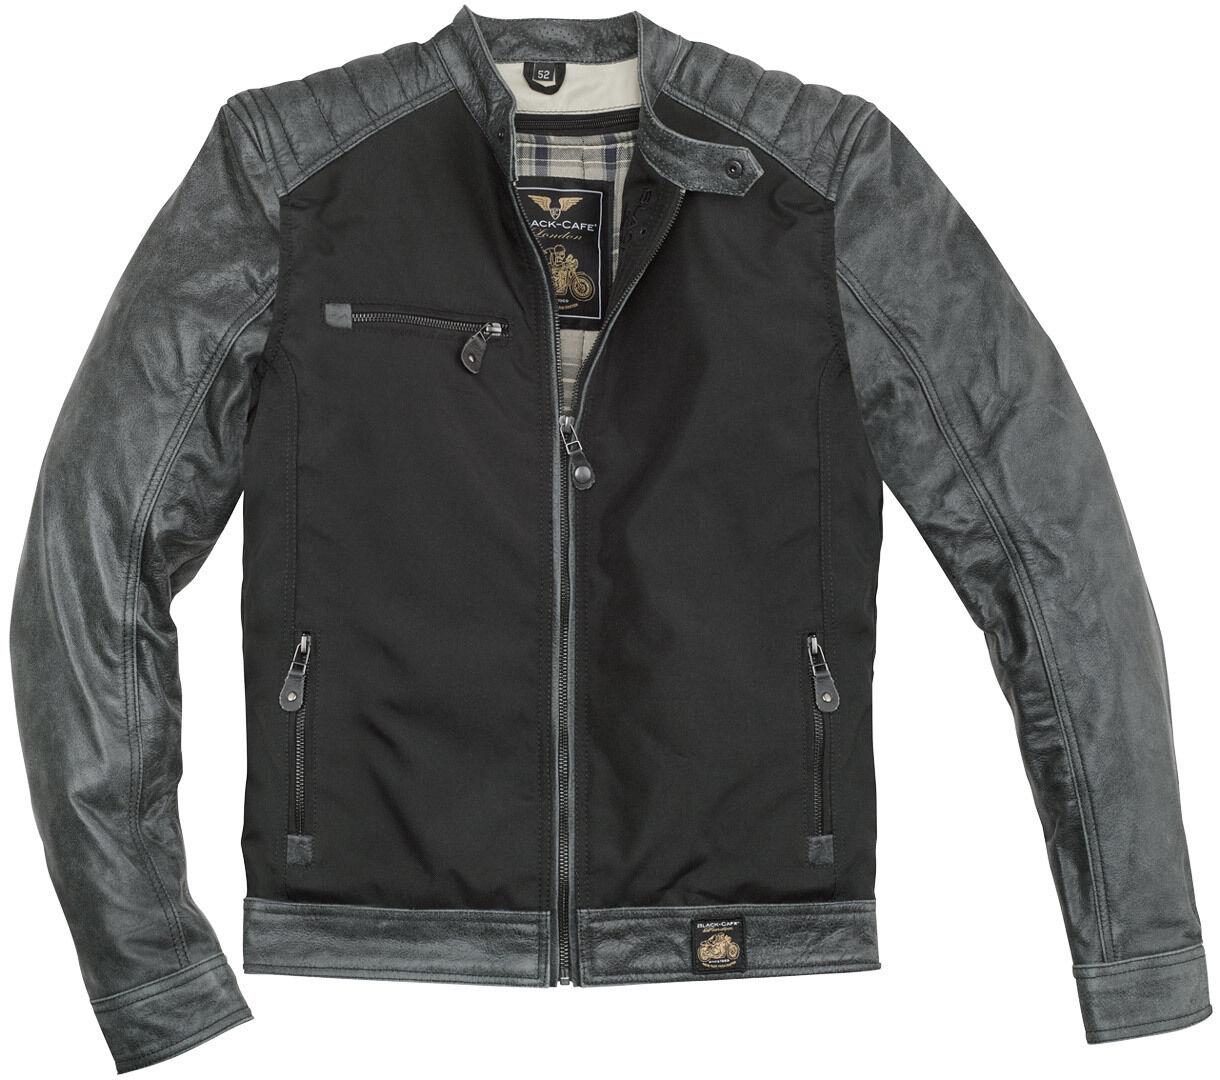 Black-Cafe London Johannesburg Cuir de moto / Veste textile Noir Gris taille : 56